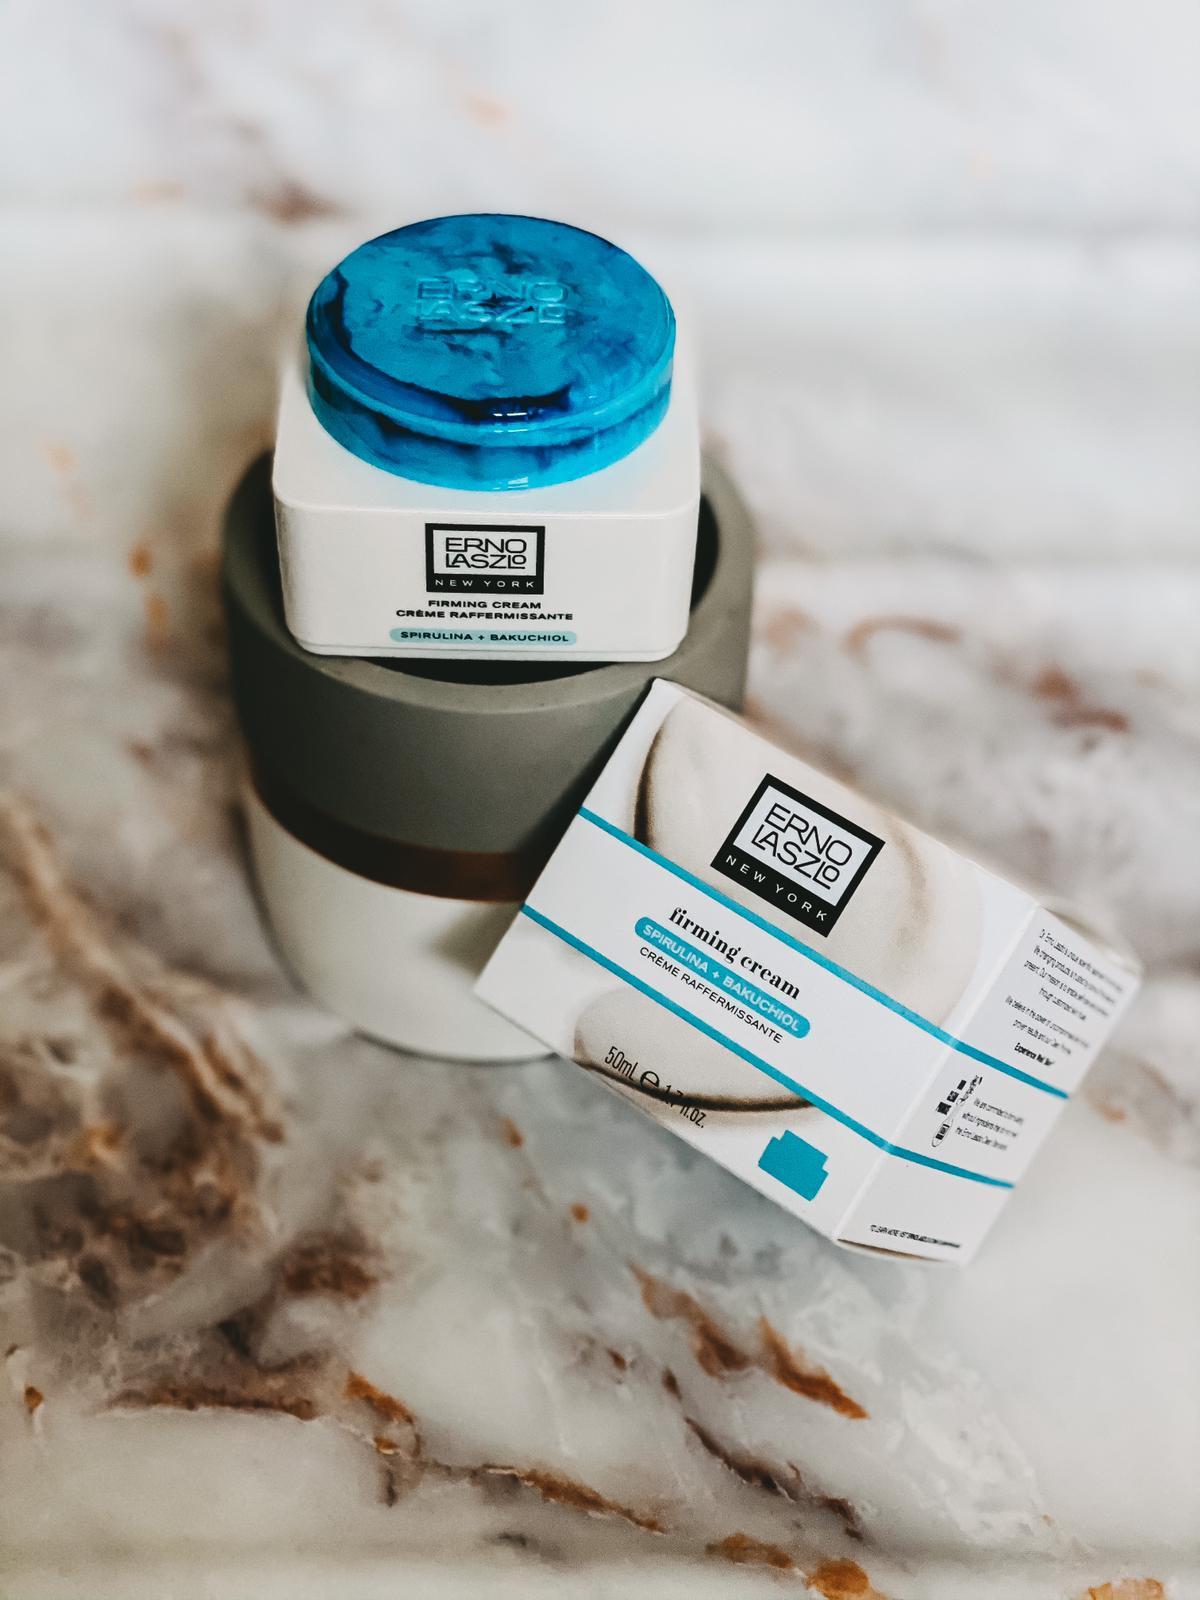 Firming Cream von Erno Laszlo